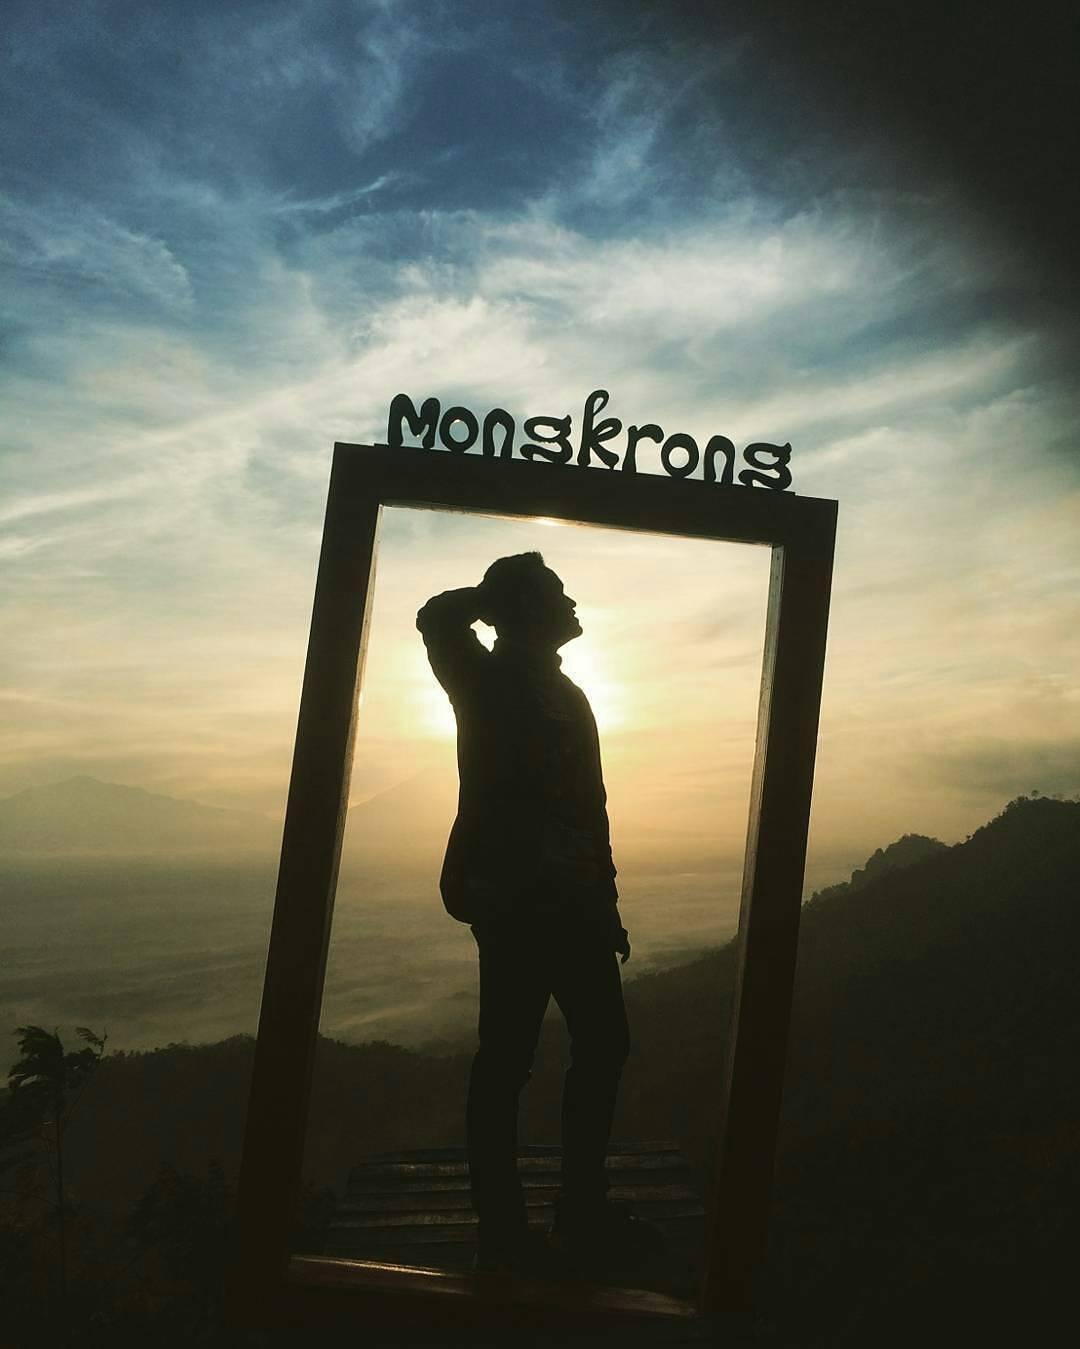 Lokasi dan Harga Tiket Masuk Punthuk Mongkrong - Wisatainfo